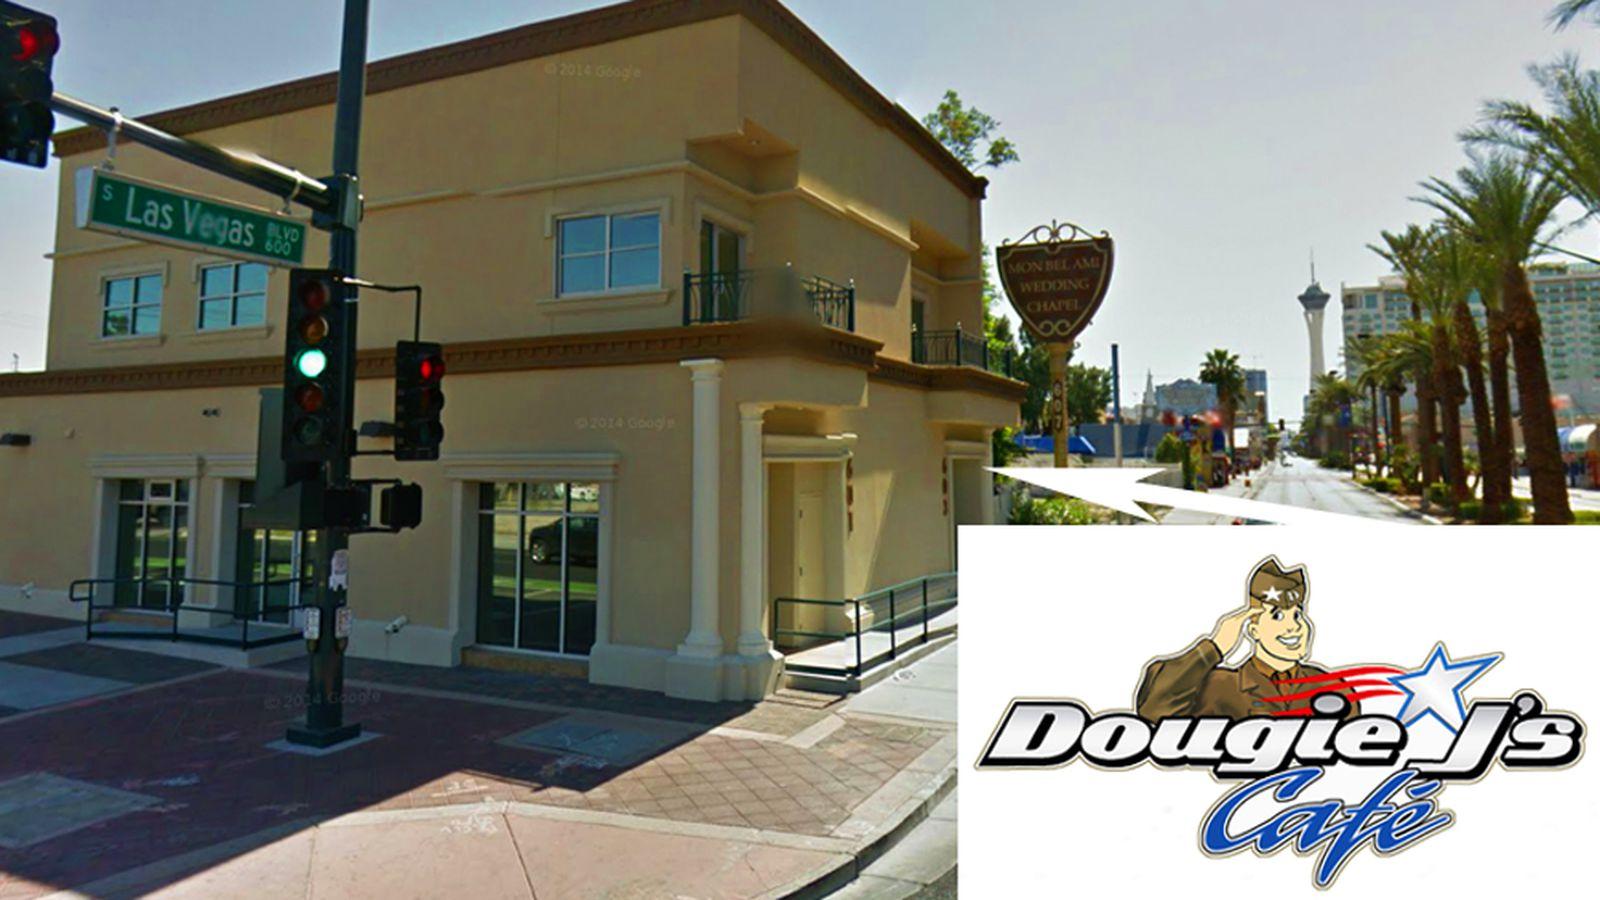 Downtown Cafe Douglas Menu